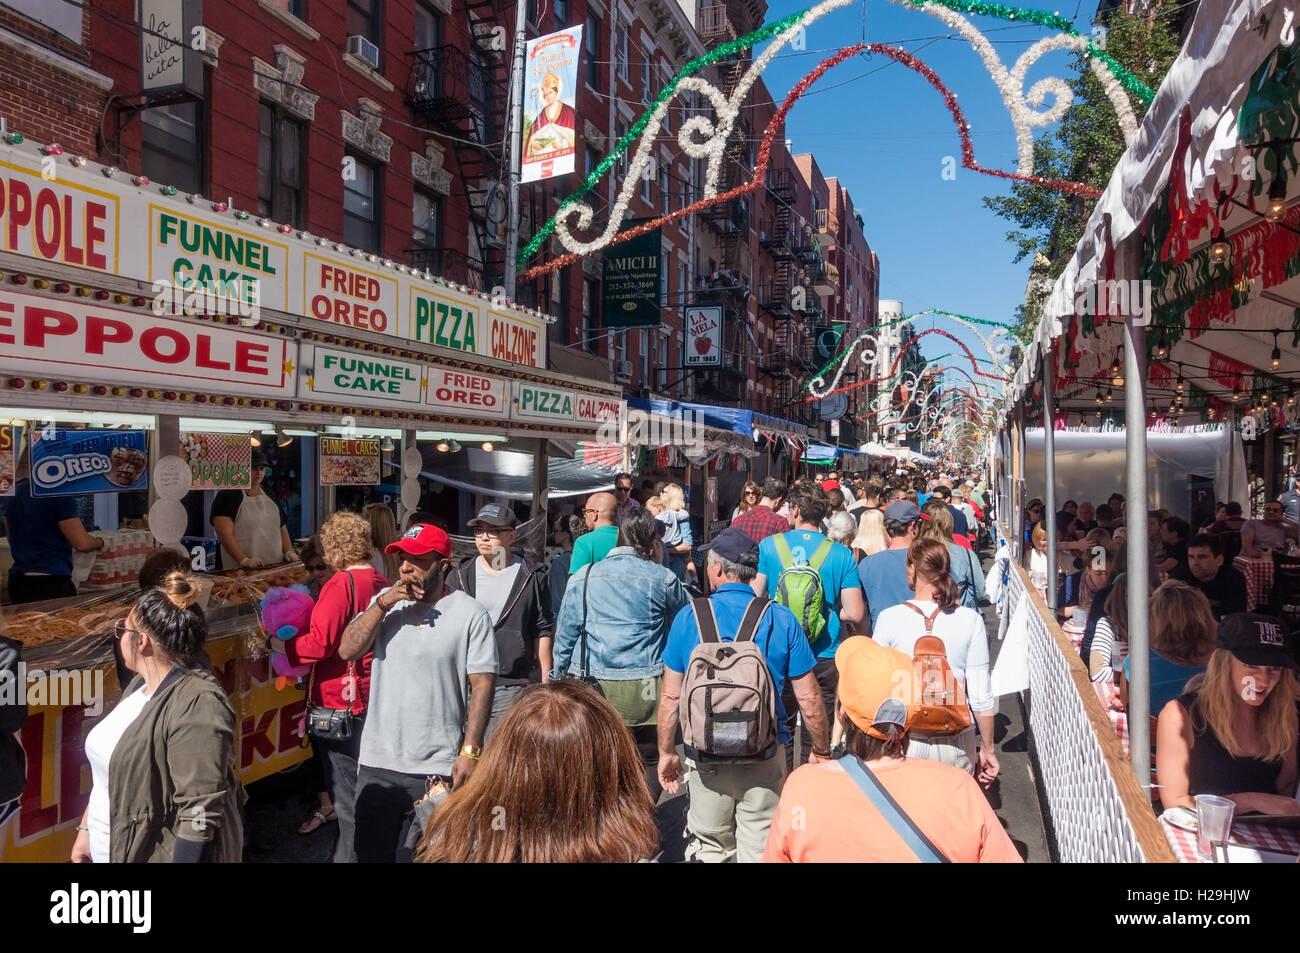 Eine Menschenmenge in der Mulberry Street auf dem San Gennaro fest in Little Italy in New York City Stockbild